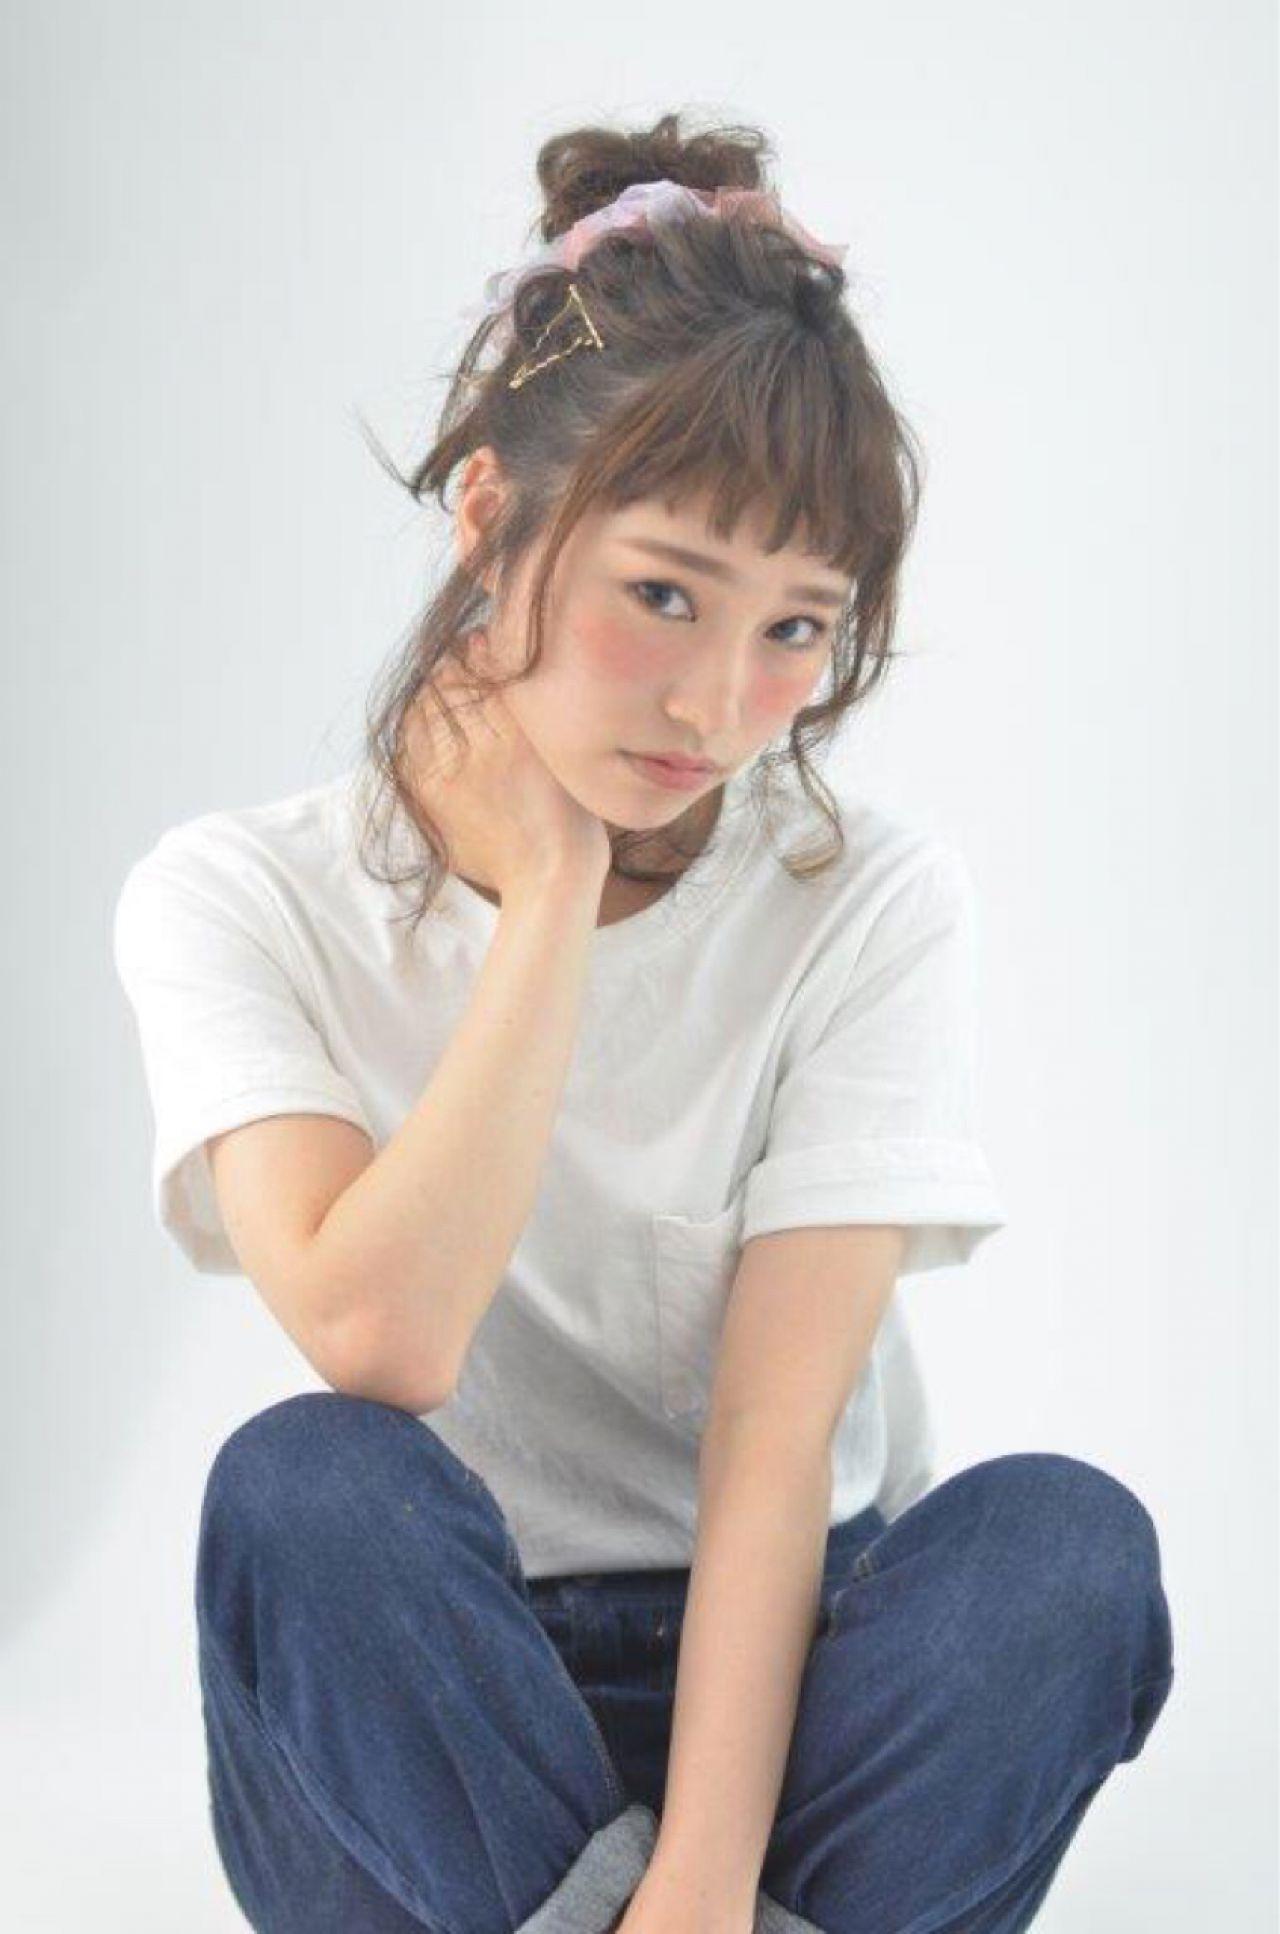 ショート セミロング お団子 簡単ヘアアレンジ ヘアスタイルや髪型の写真・画像 | 坂井望 / macaro hair atlire